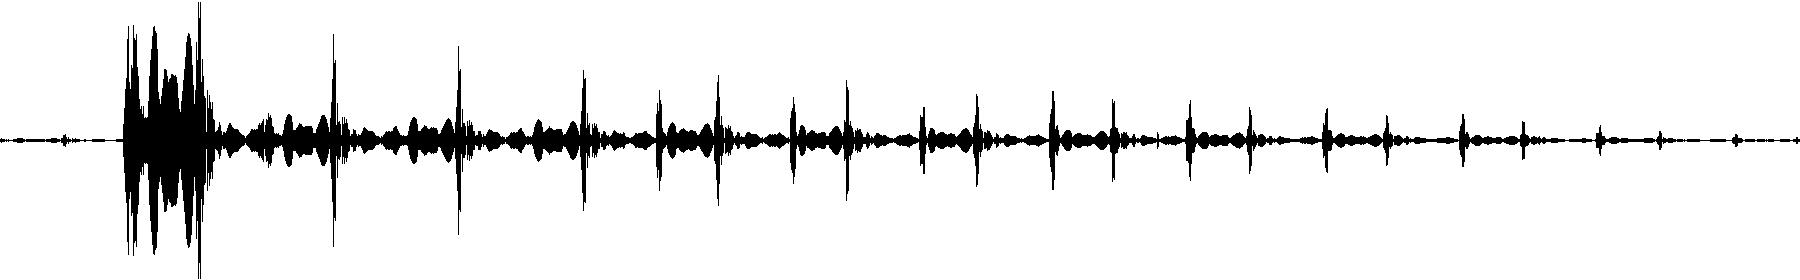 biab glitchhop glitch 30